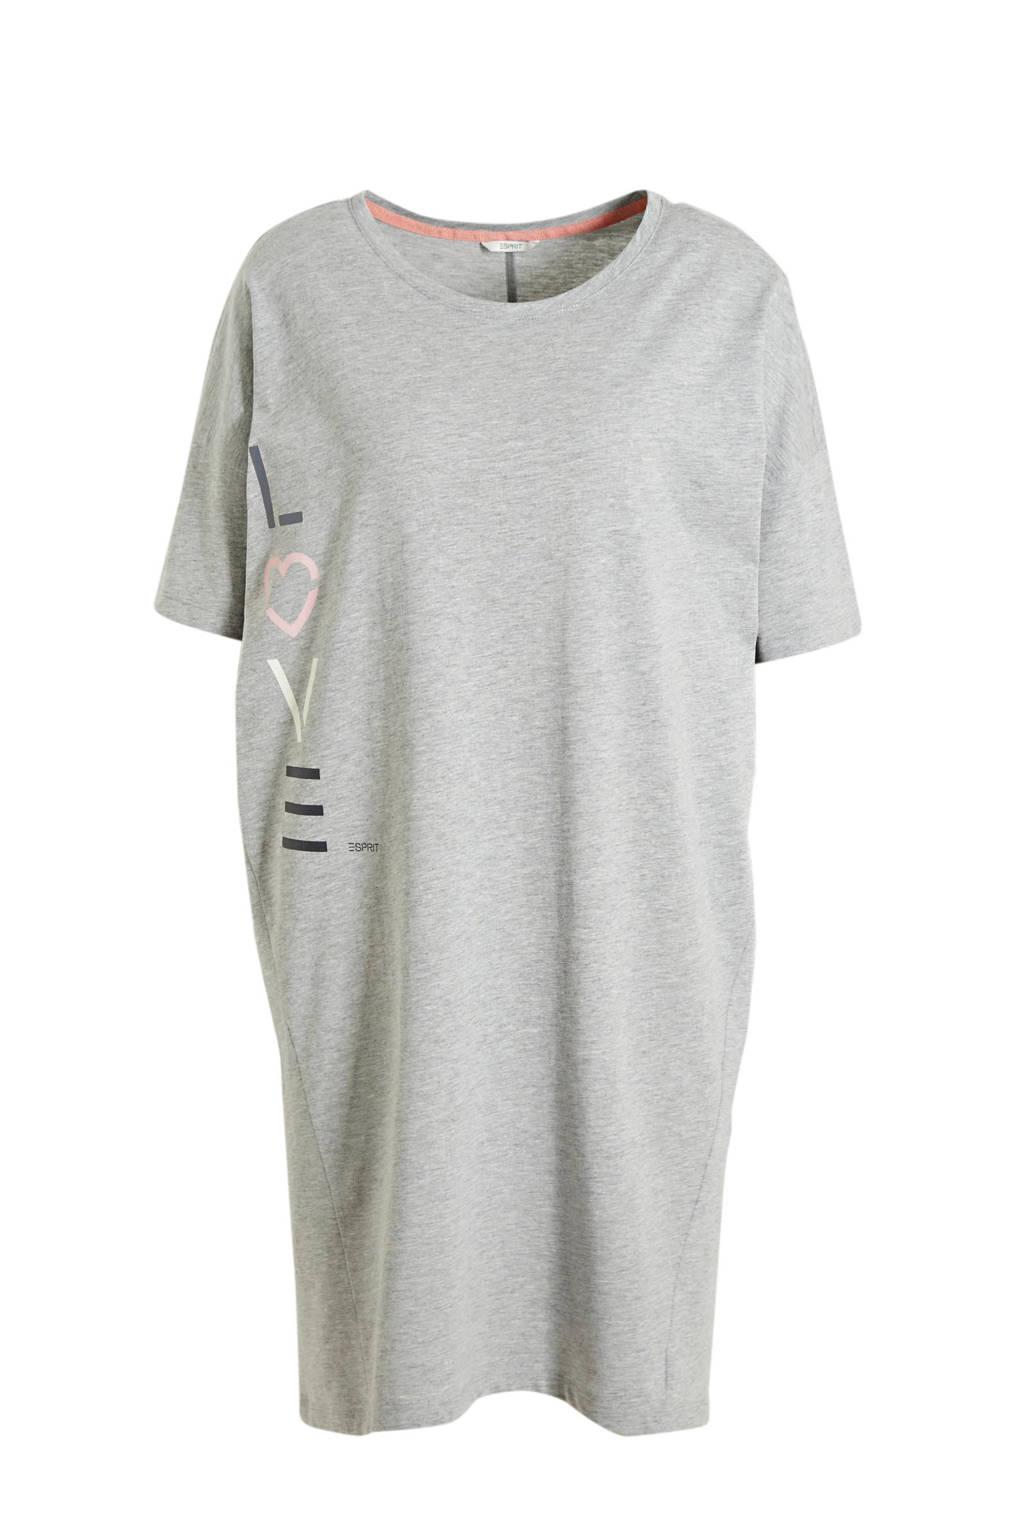 ESPRIT Women Bodywear nachthemd met printopdruk grijs, Grijs